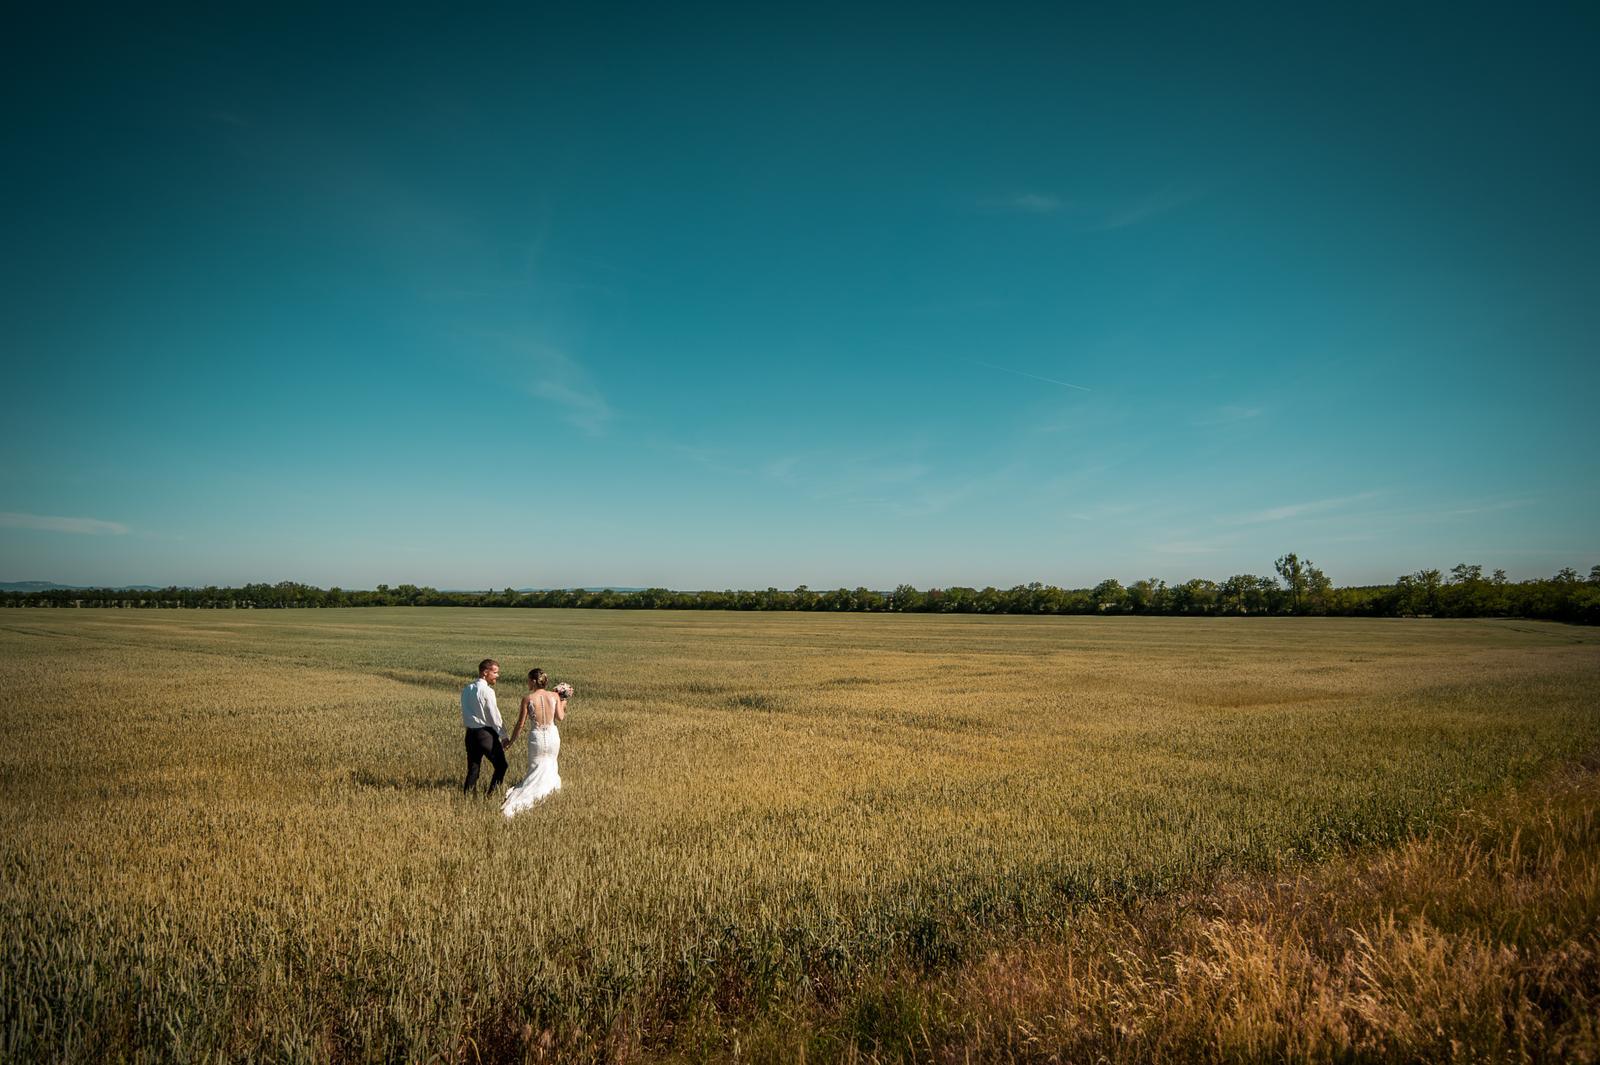 Wedding ♥ - Obrázek č. 81